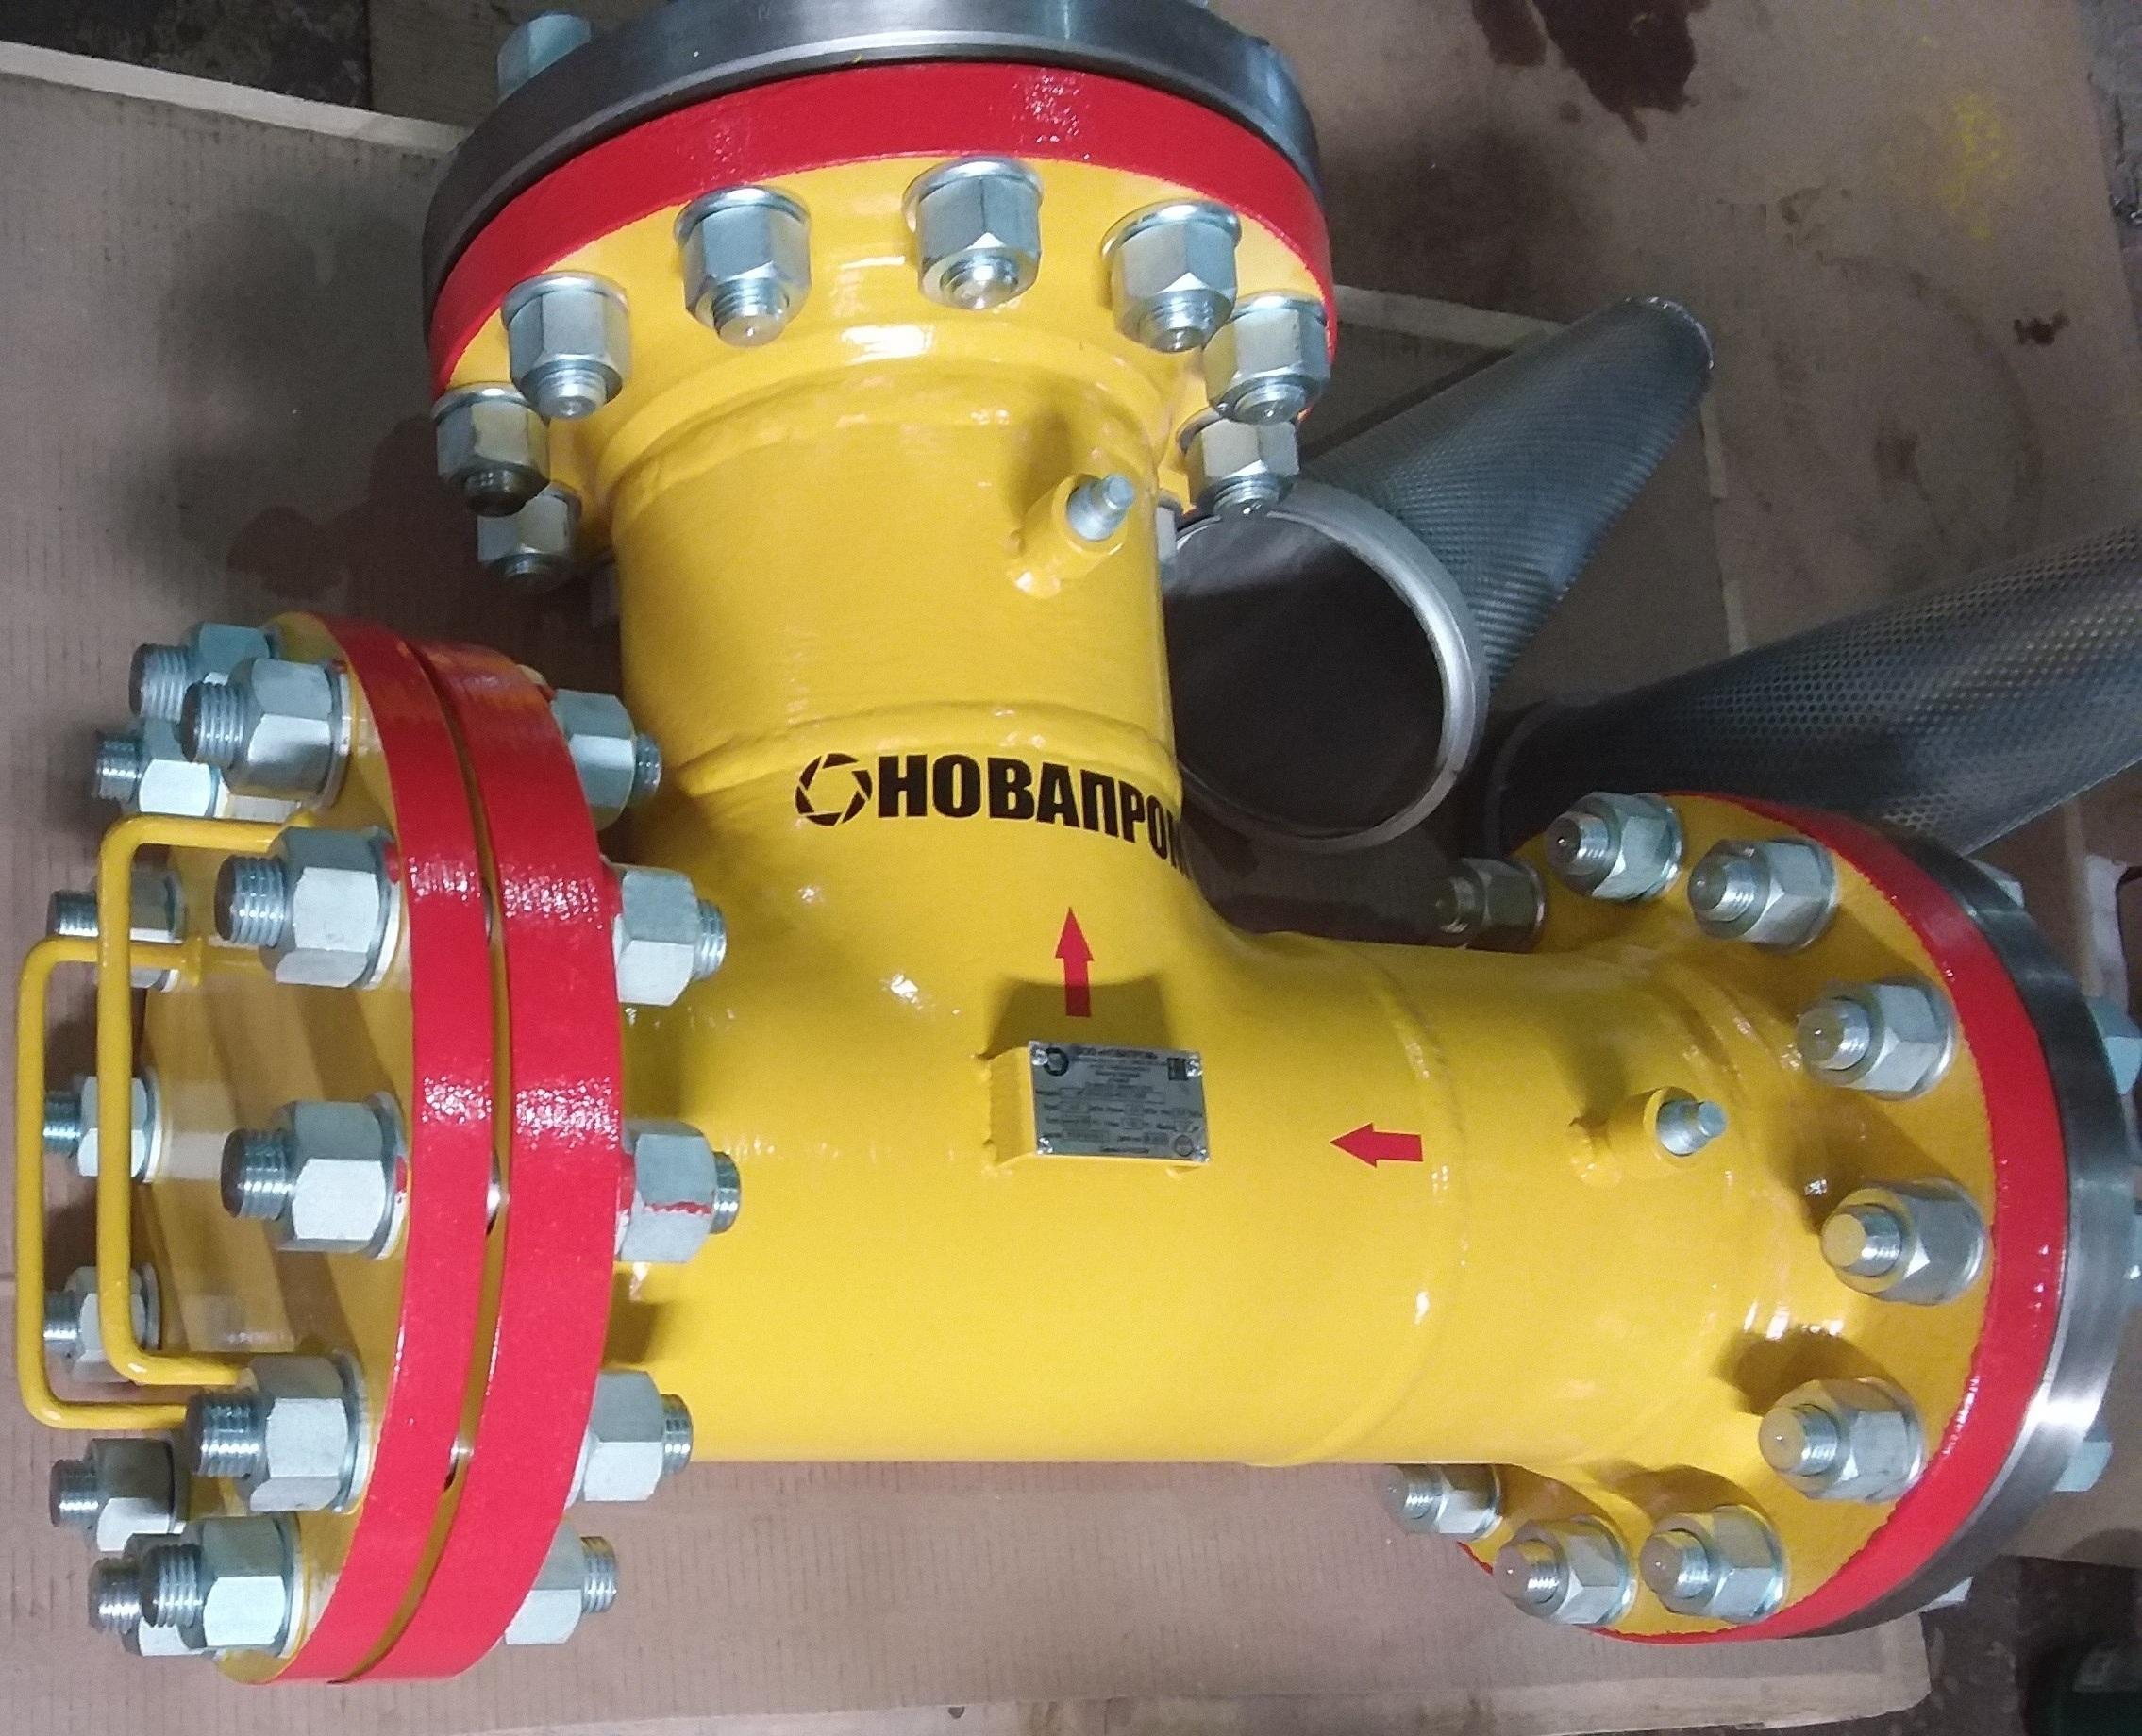 Газовый фильтр для котла - необходимость или излишество?